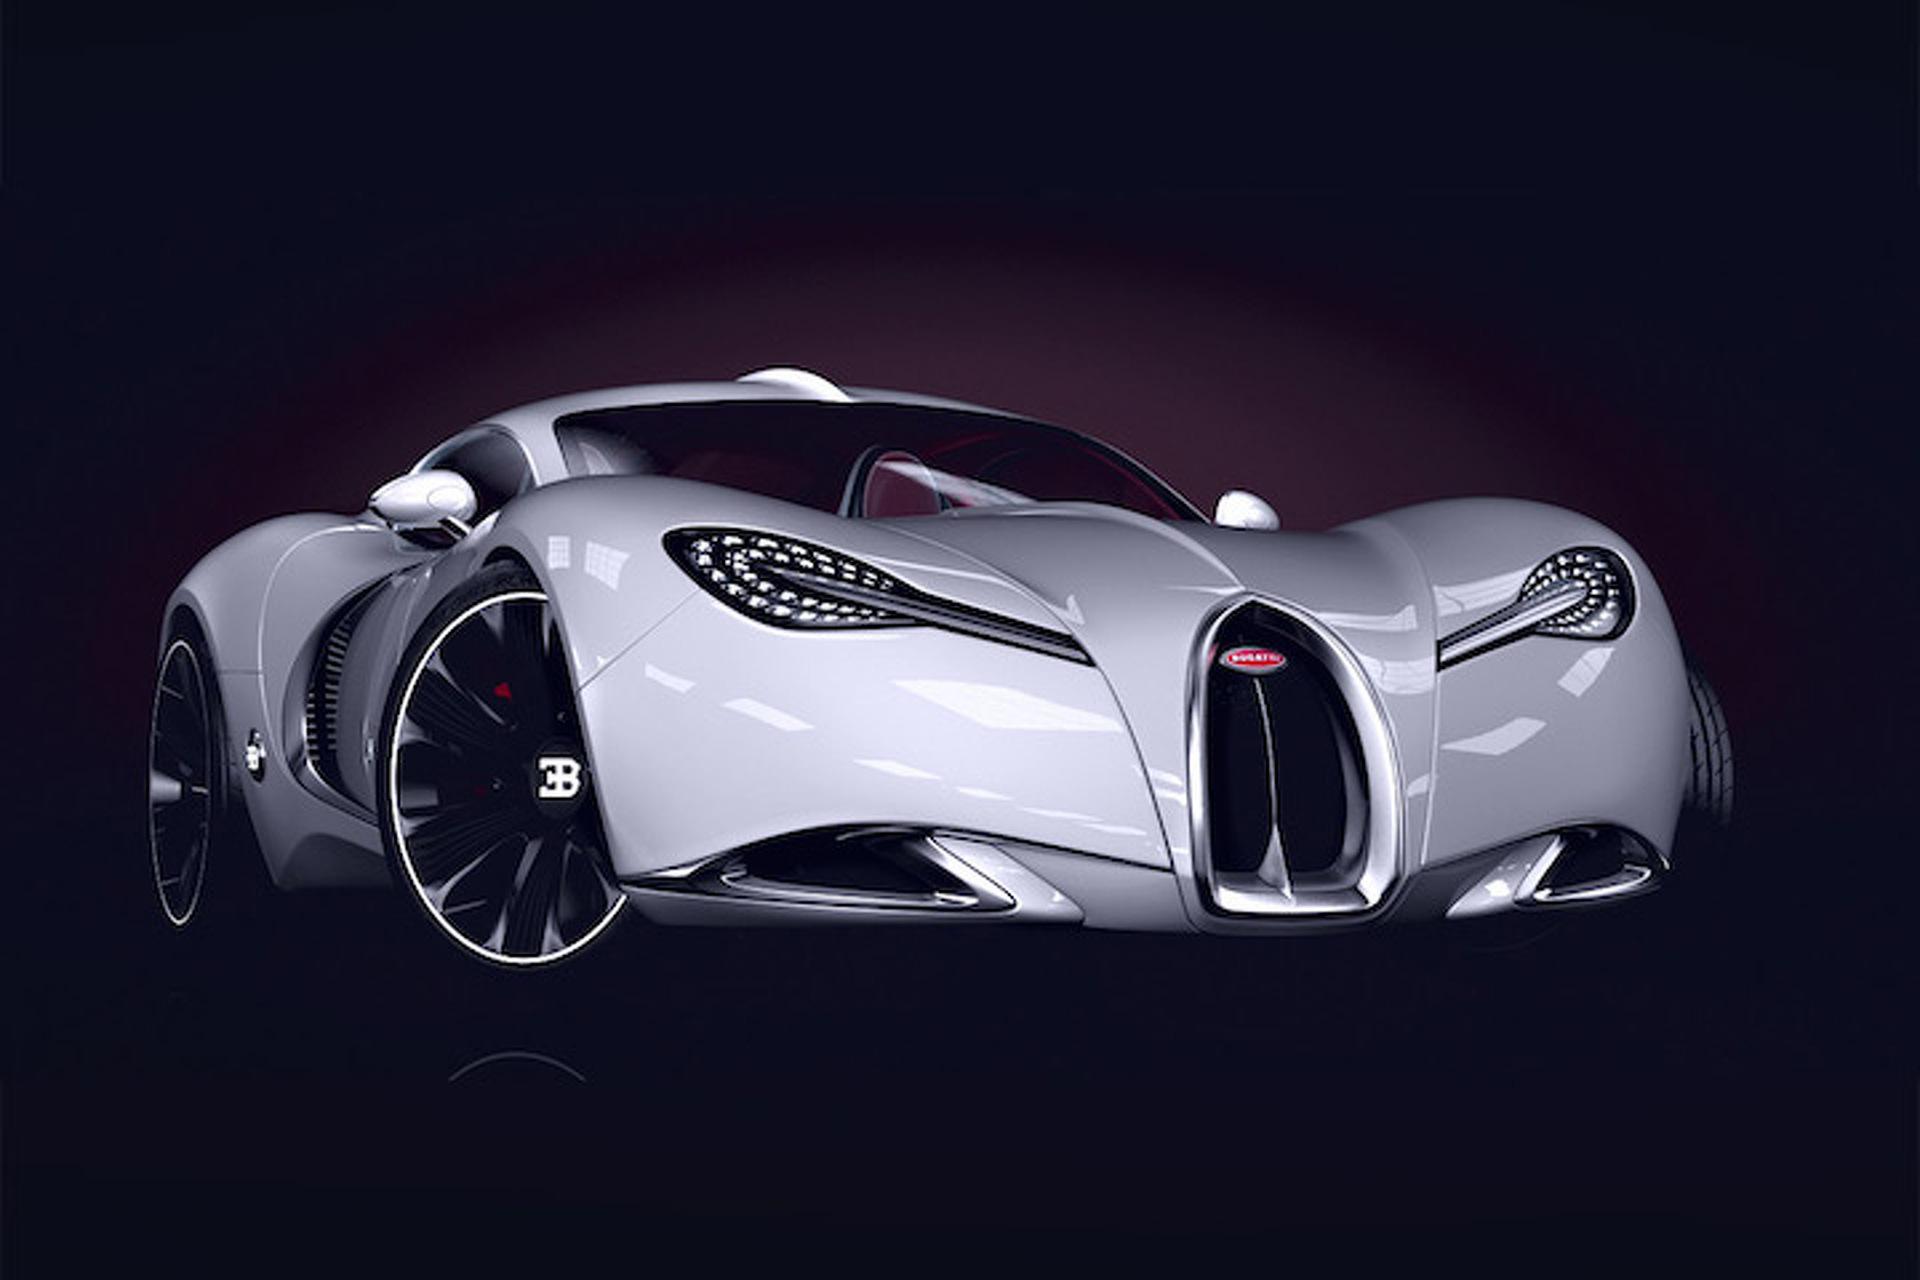 bugatti-veyron-successor-will-do-0-60-mph-in-2-seconds-allegedly Gorgeous Bugatti Veyron Zero to 60 Cars Trend